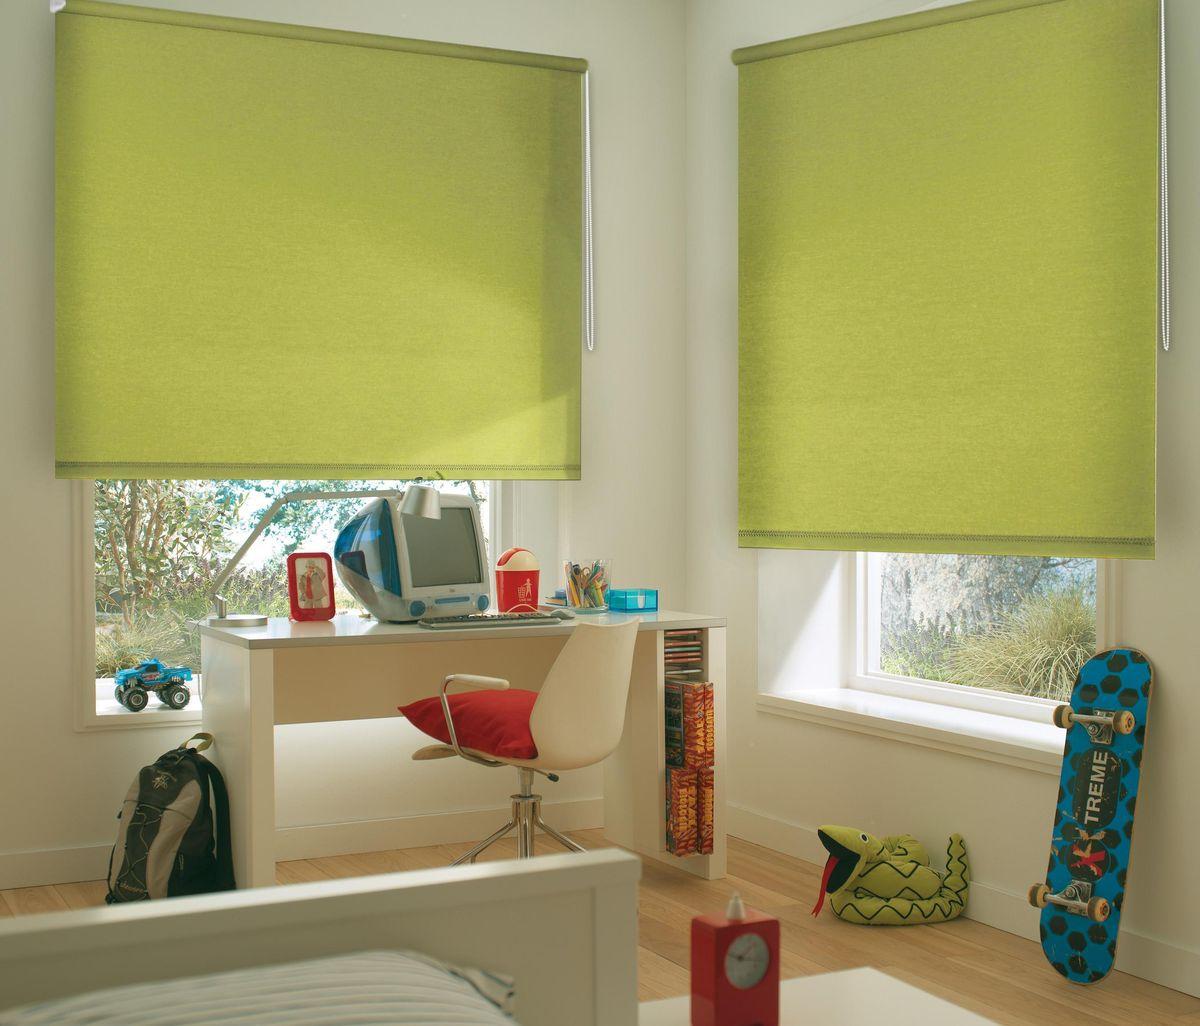 Штора рулонная Эскар Ролло. Однотонные, цвет: салатовый, ширина 160 см, высота 170 см81014160170Рулонными шторами можно оформлять окна как самостоятельно, так ииспользовать в комбинации с портьерами. Это поможет предотвратитьвыгорание дорогой ткани на солнце и соединит функционал рулонных скрасотой навесных. Преимущества применения рулонных штор для пластиковых окон: - имеют прекрасный внешний вид: многообразие и фактурность материалаизделия отлично смотрятся в любом интерьере;- многофункциональны: есть возможность подобрать шторы способныеэффективно защитить комнату от солнца, при этом о на не будет слишкомтемной.- Есть возможность осуществить быстрый монтаж. ВНИМАНИЕ! Размеры ширины изделия указаны по ширине ткани! Во время эксплуатации не рекомендуется полностью разматывать рулон, чтобыне оторвать ткань от намоточного вала. В случае загрязнения поверхности ткани, чистку шторы проводят одним изспособов, в зависимости от типа загрязнения:легкое поверхностное загрязнение можно удалить при помощи канцелярскоголастика;чистка от пыли производится сухим методом при помощи пылесоса с мягкойщеткой-насадкой;для удаления пятна используйте мягкую губку с пенообразующим неагрессивныммоющим средством или пятновыводитель на натуральной основе (нельзяприменять растворители).